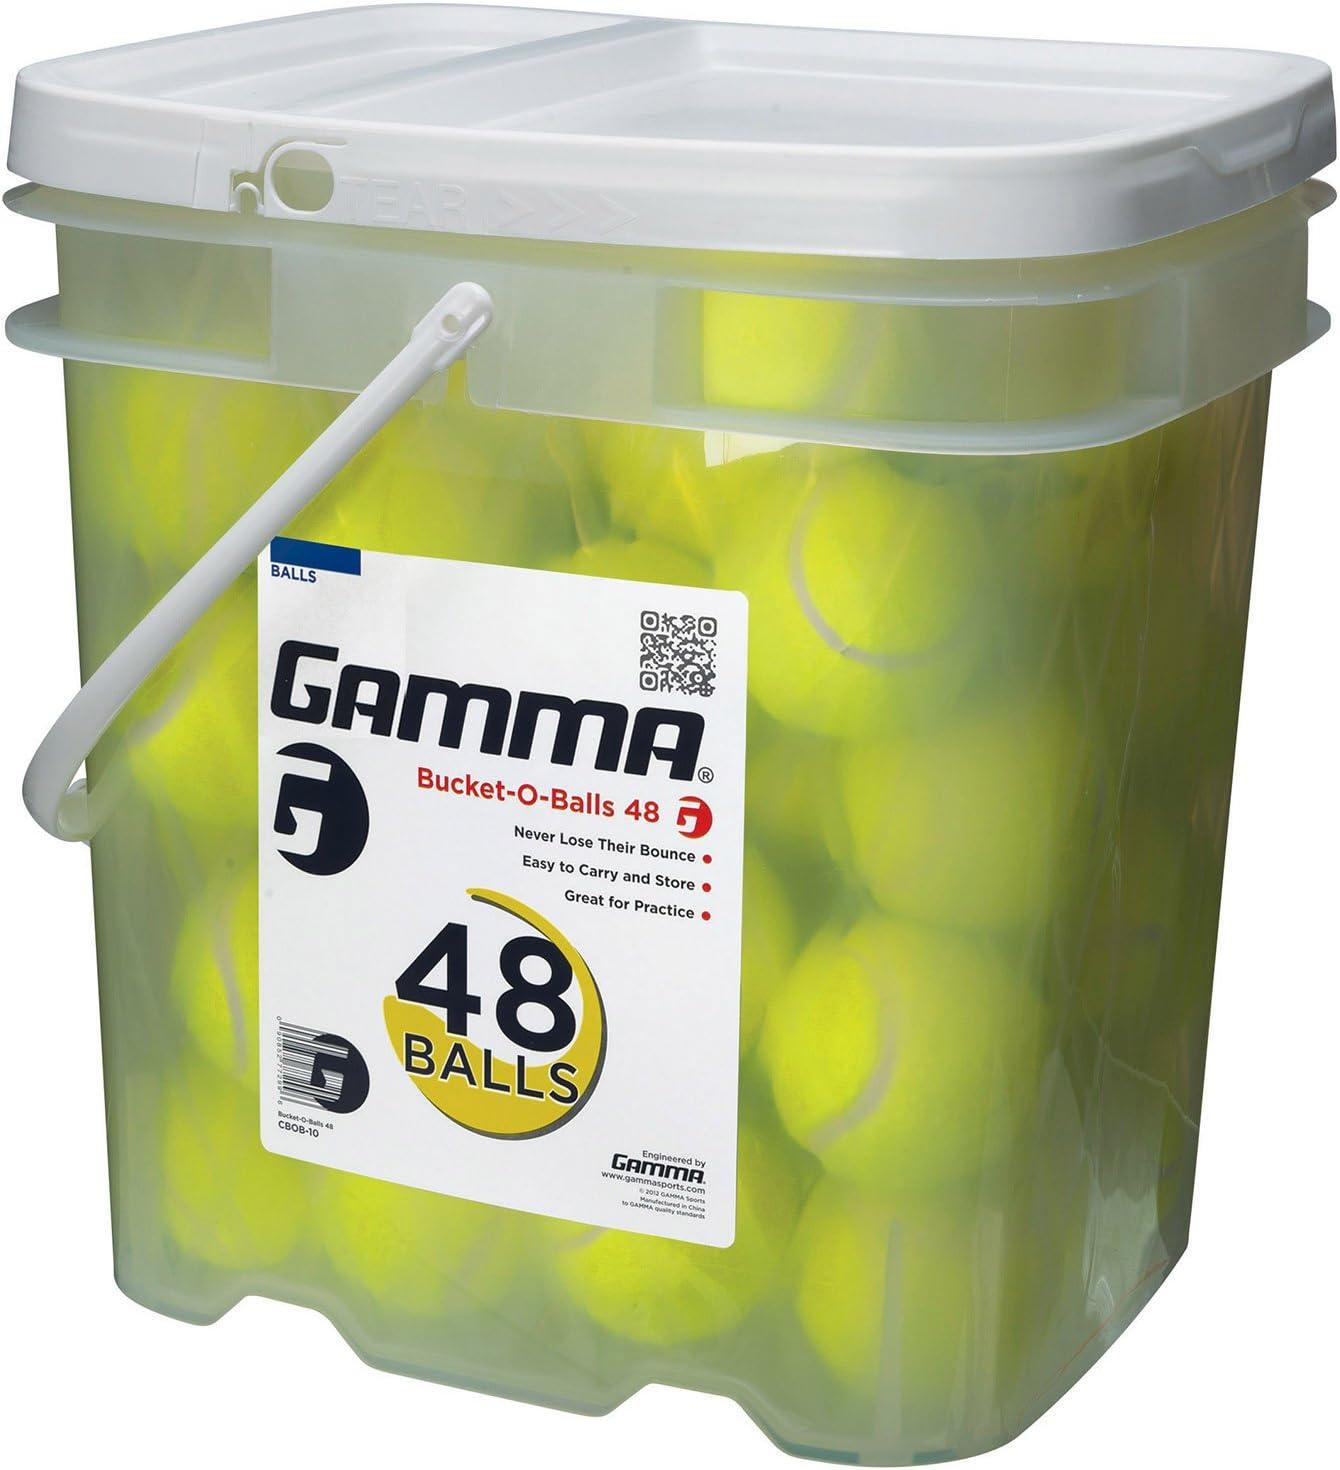 Gamma Bucket of Pressureless Tennis Balls - Sturdy, Reusable, an